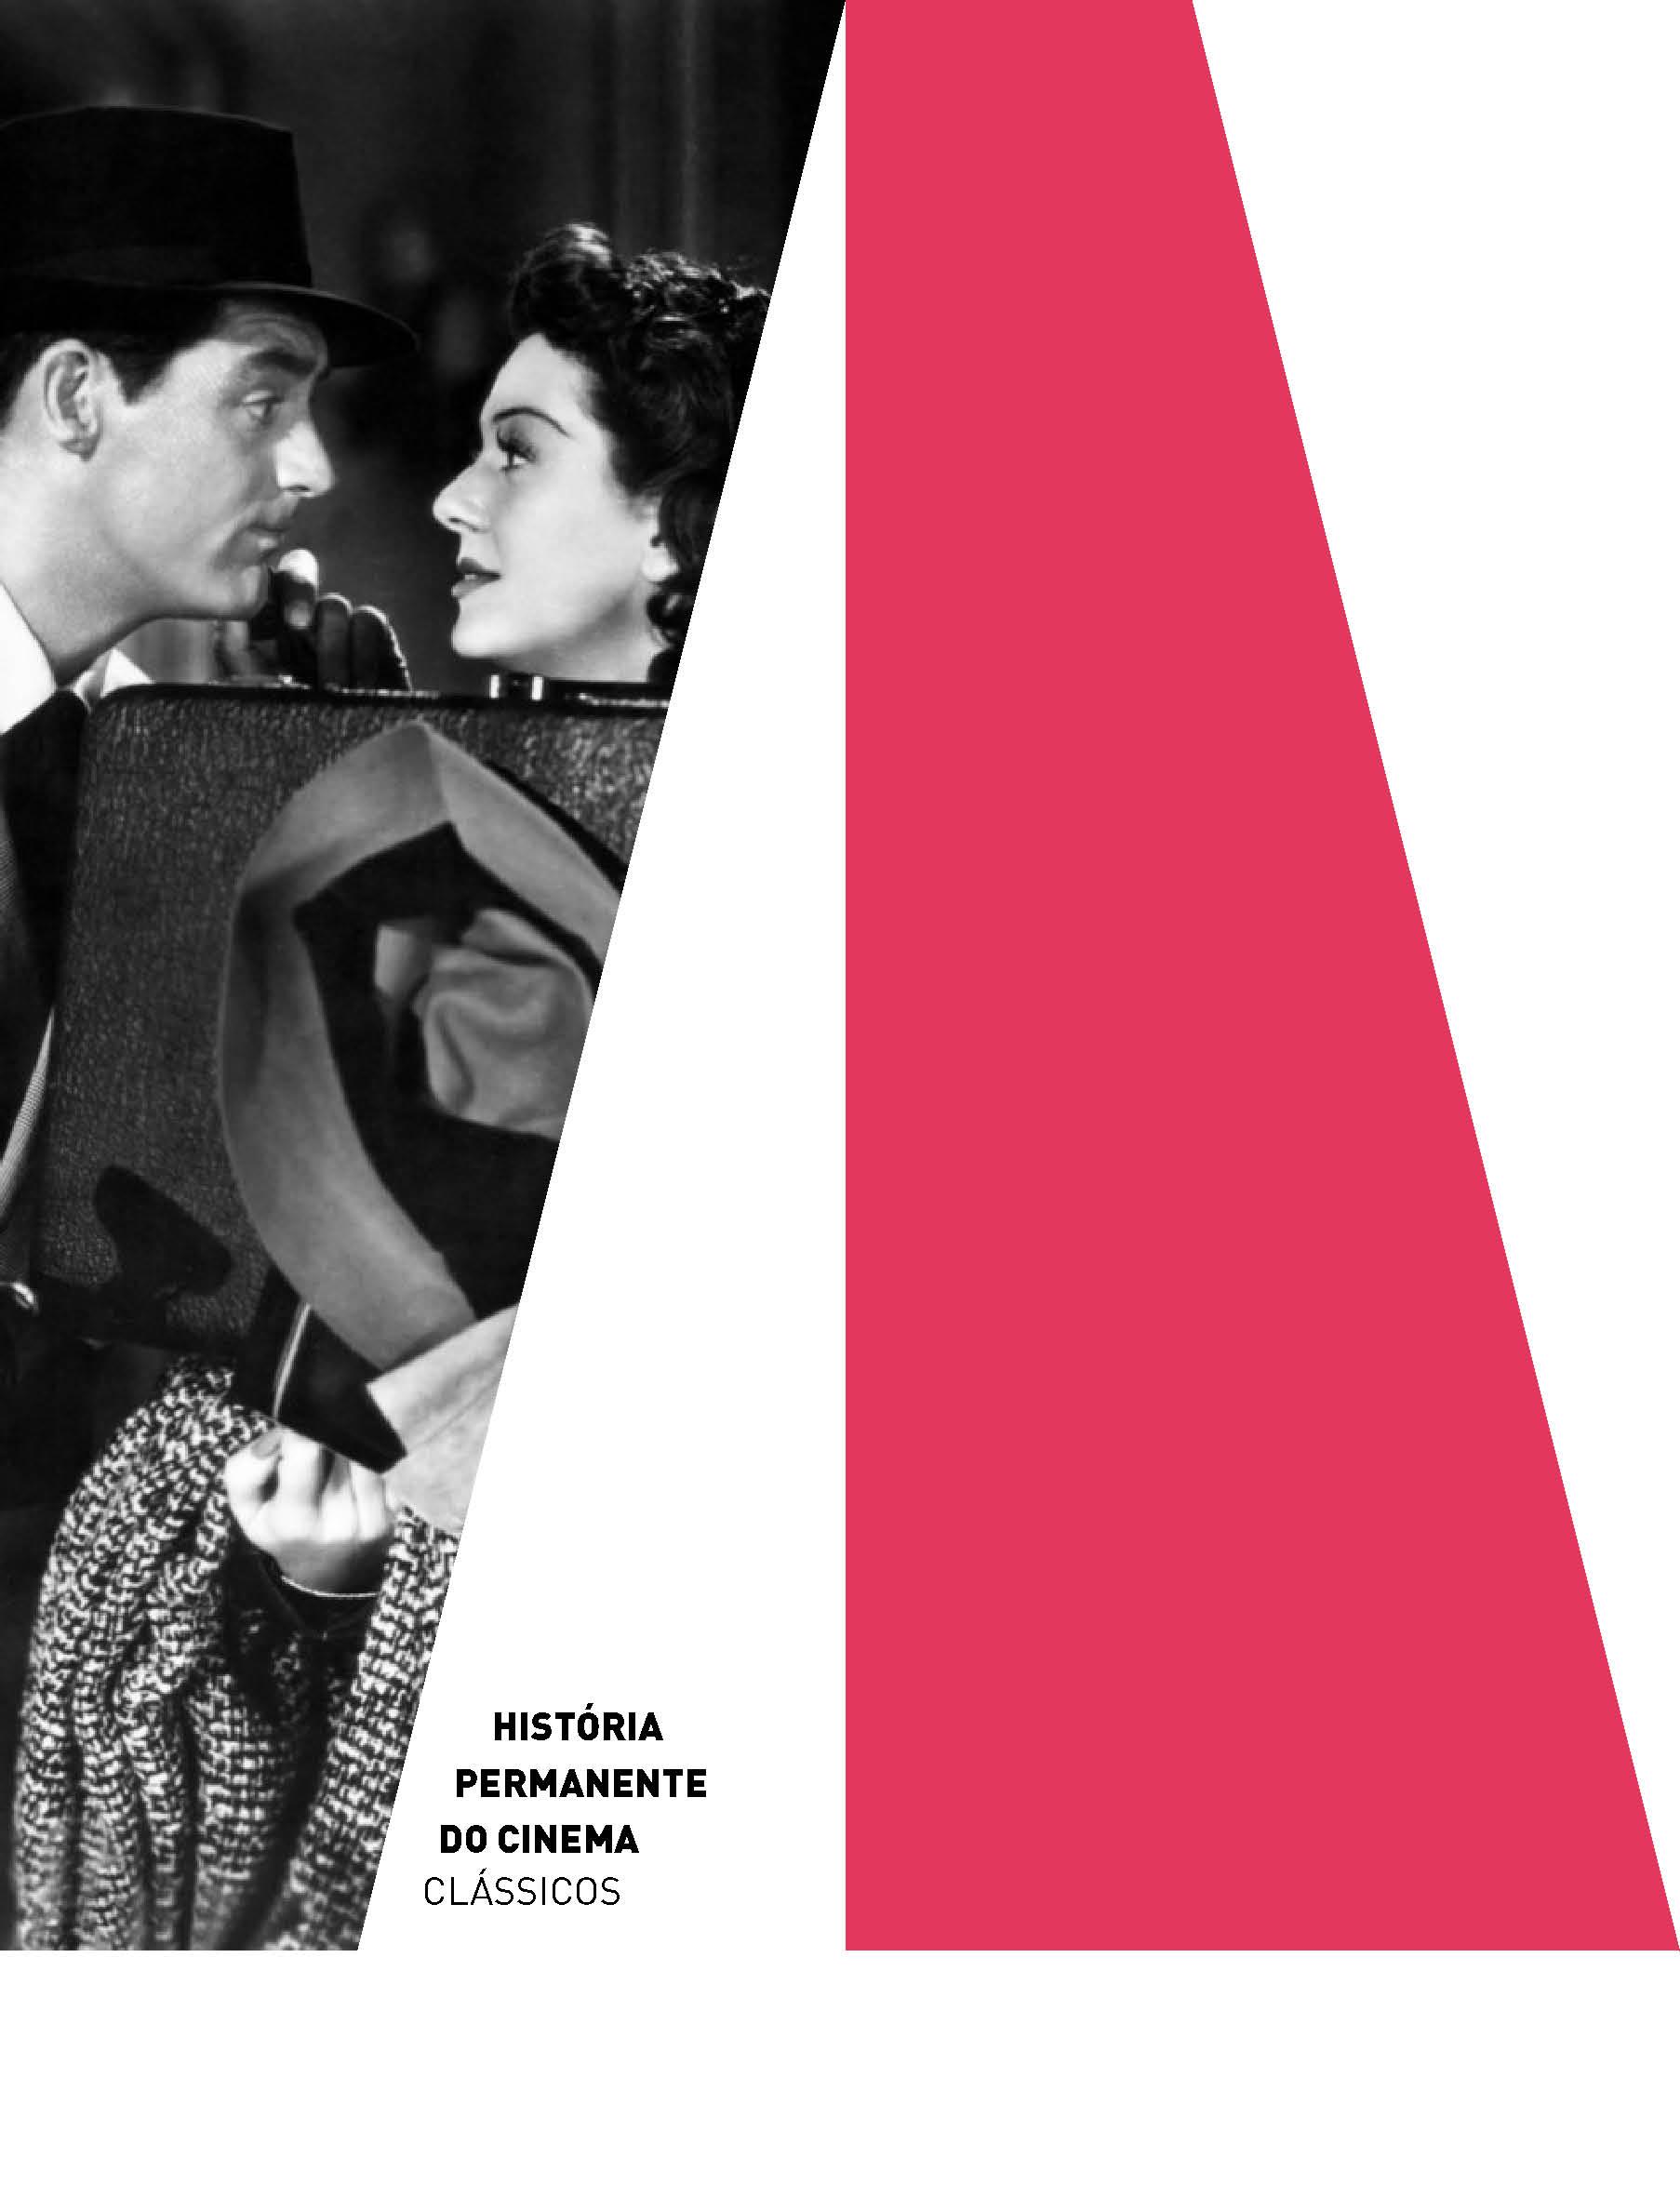 Evento: História Permanente do Cinema Especial | Clássicos